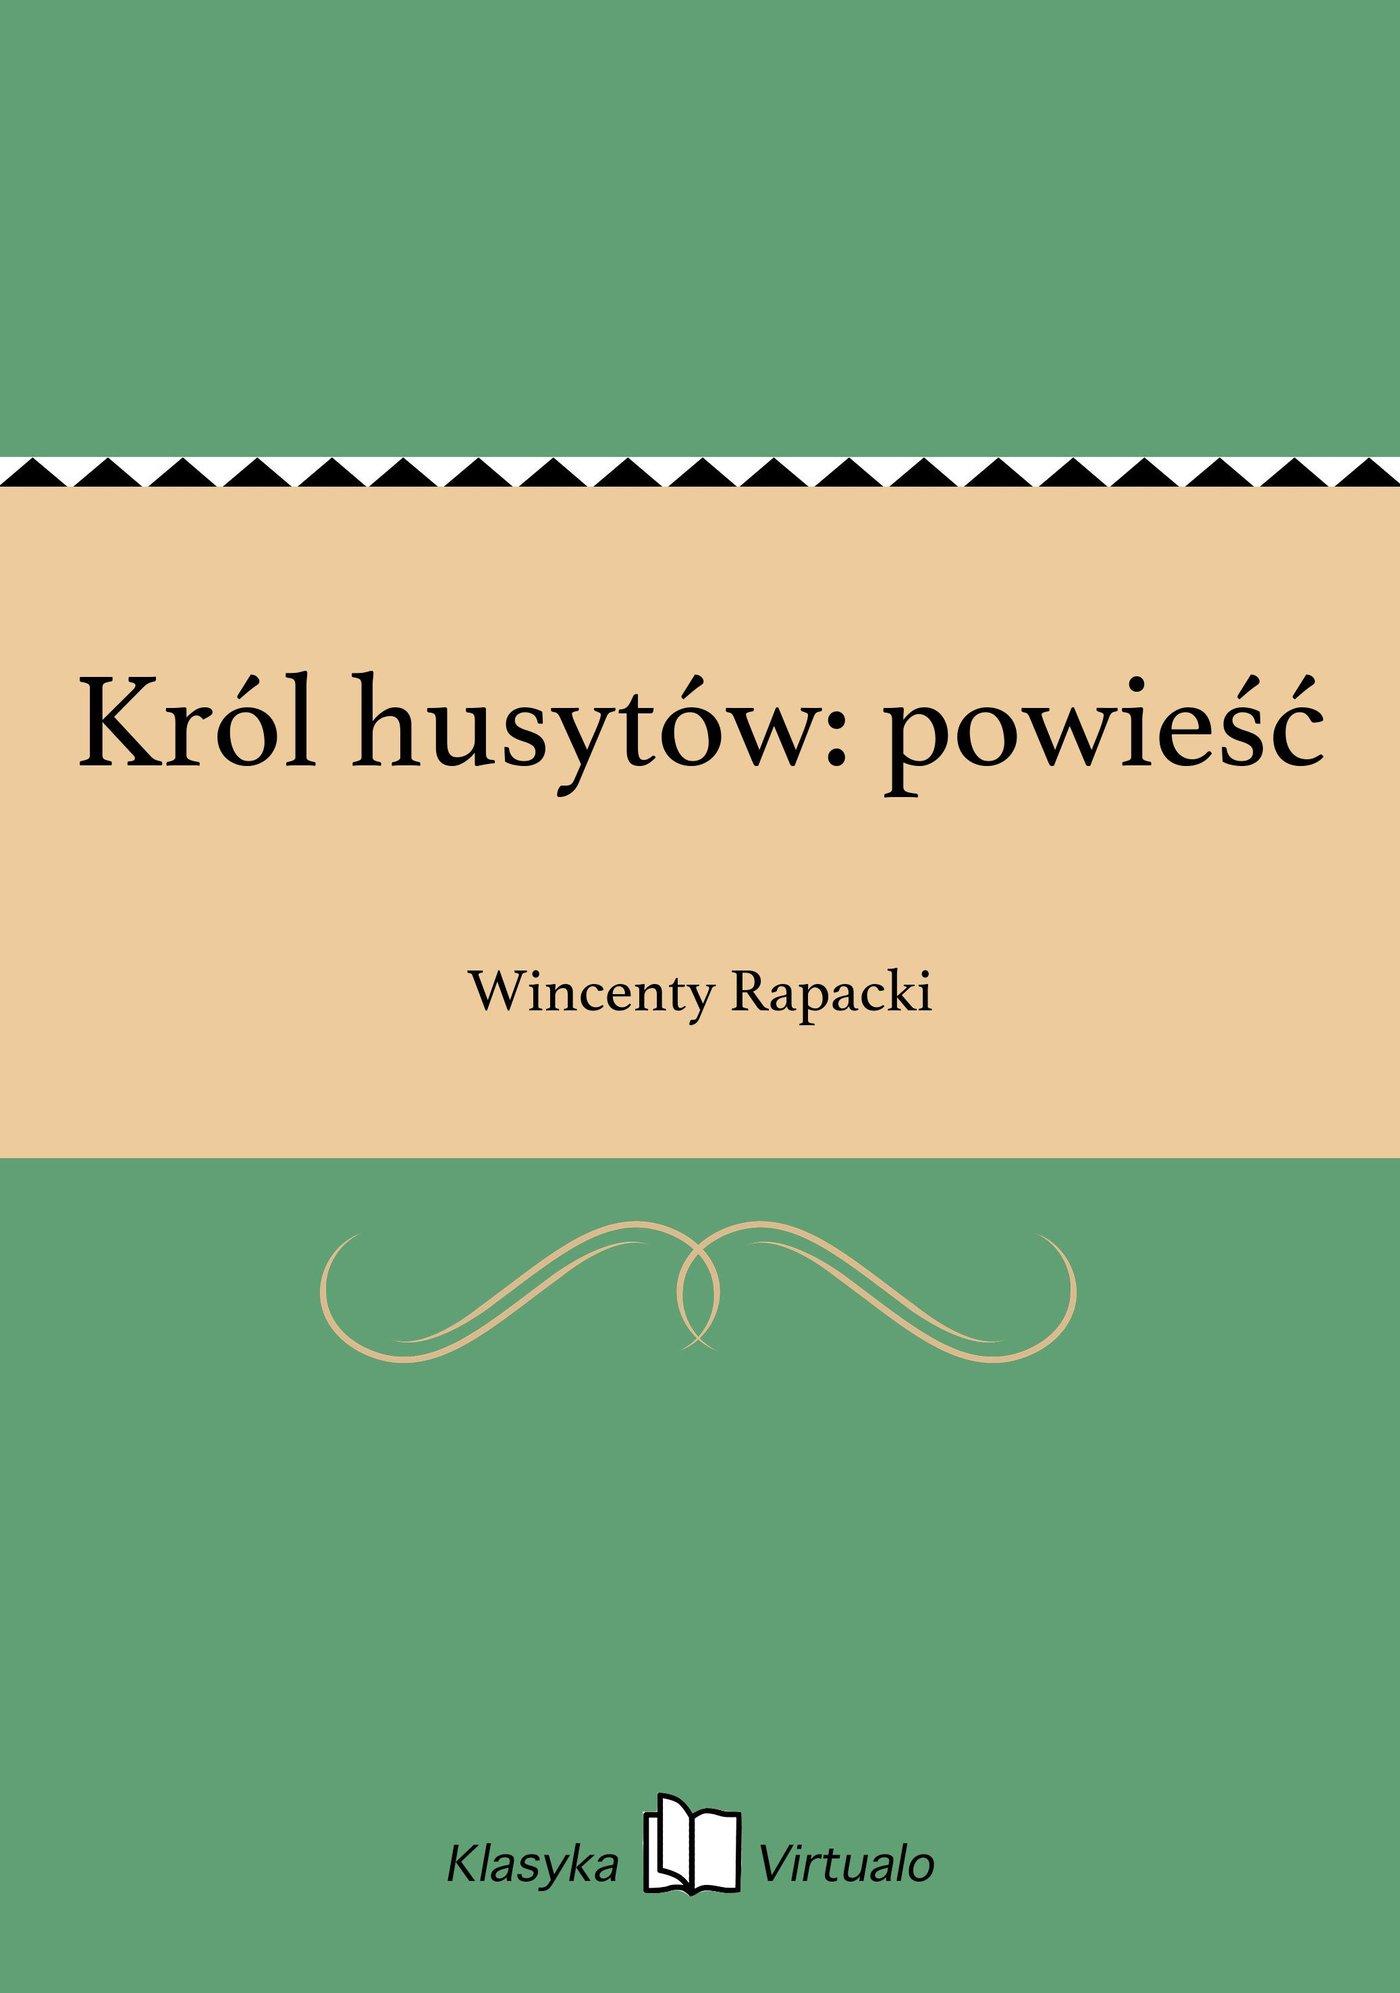 Król husytów: powieść - Ebook (Książka na Kindle) do pobrania w formacie MOBI